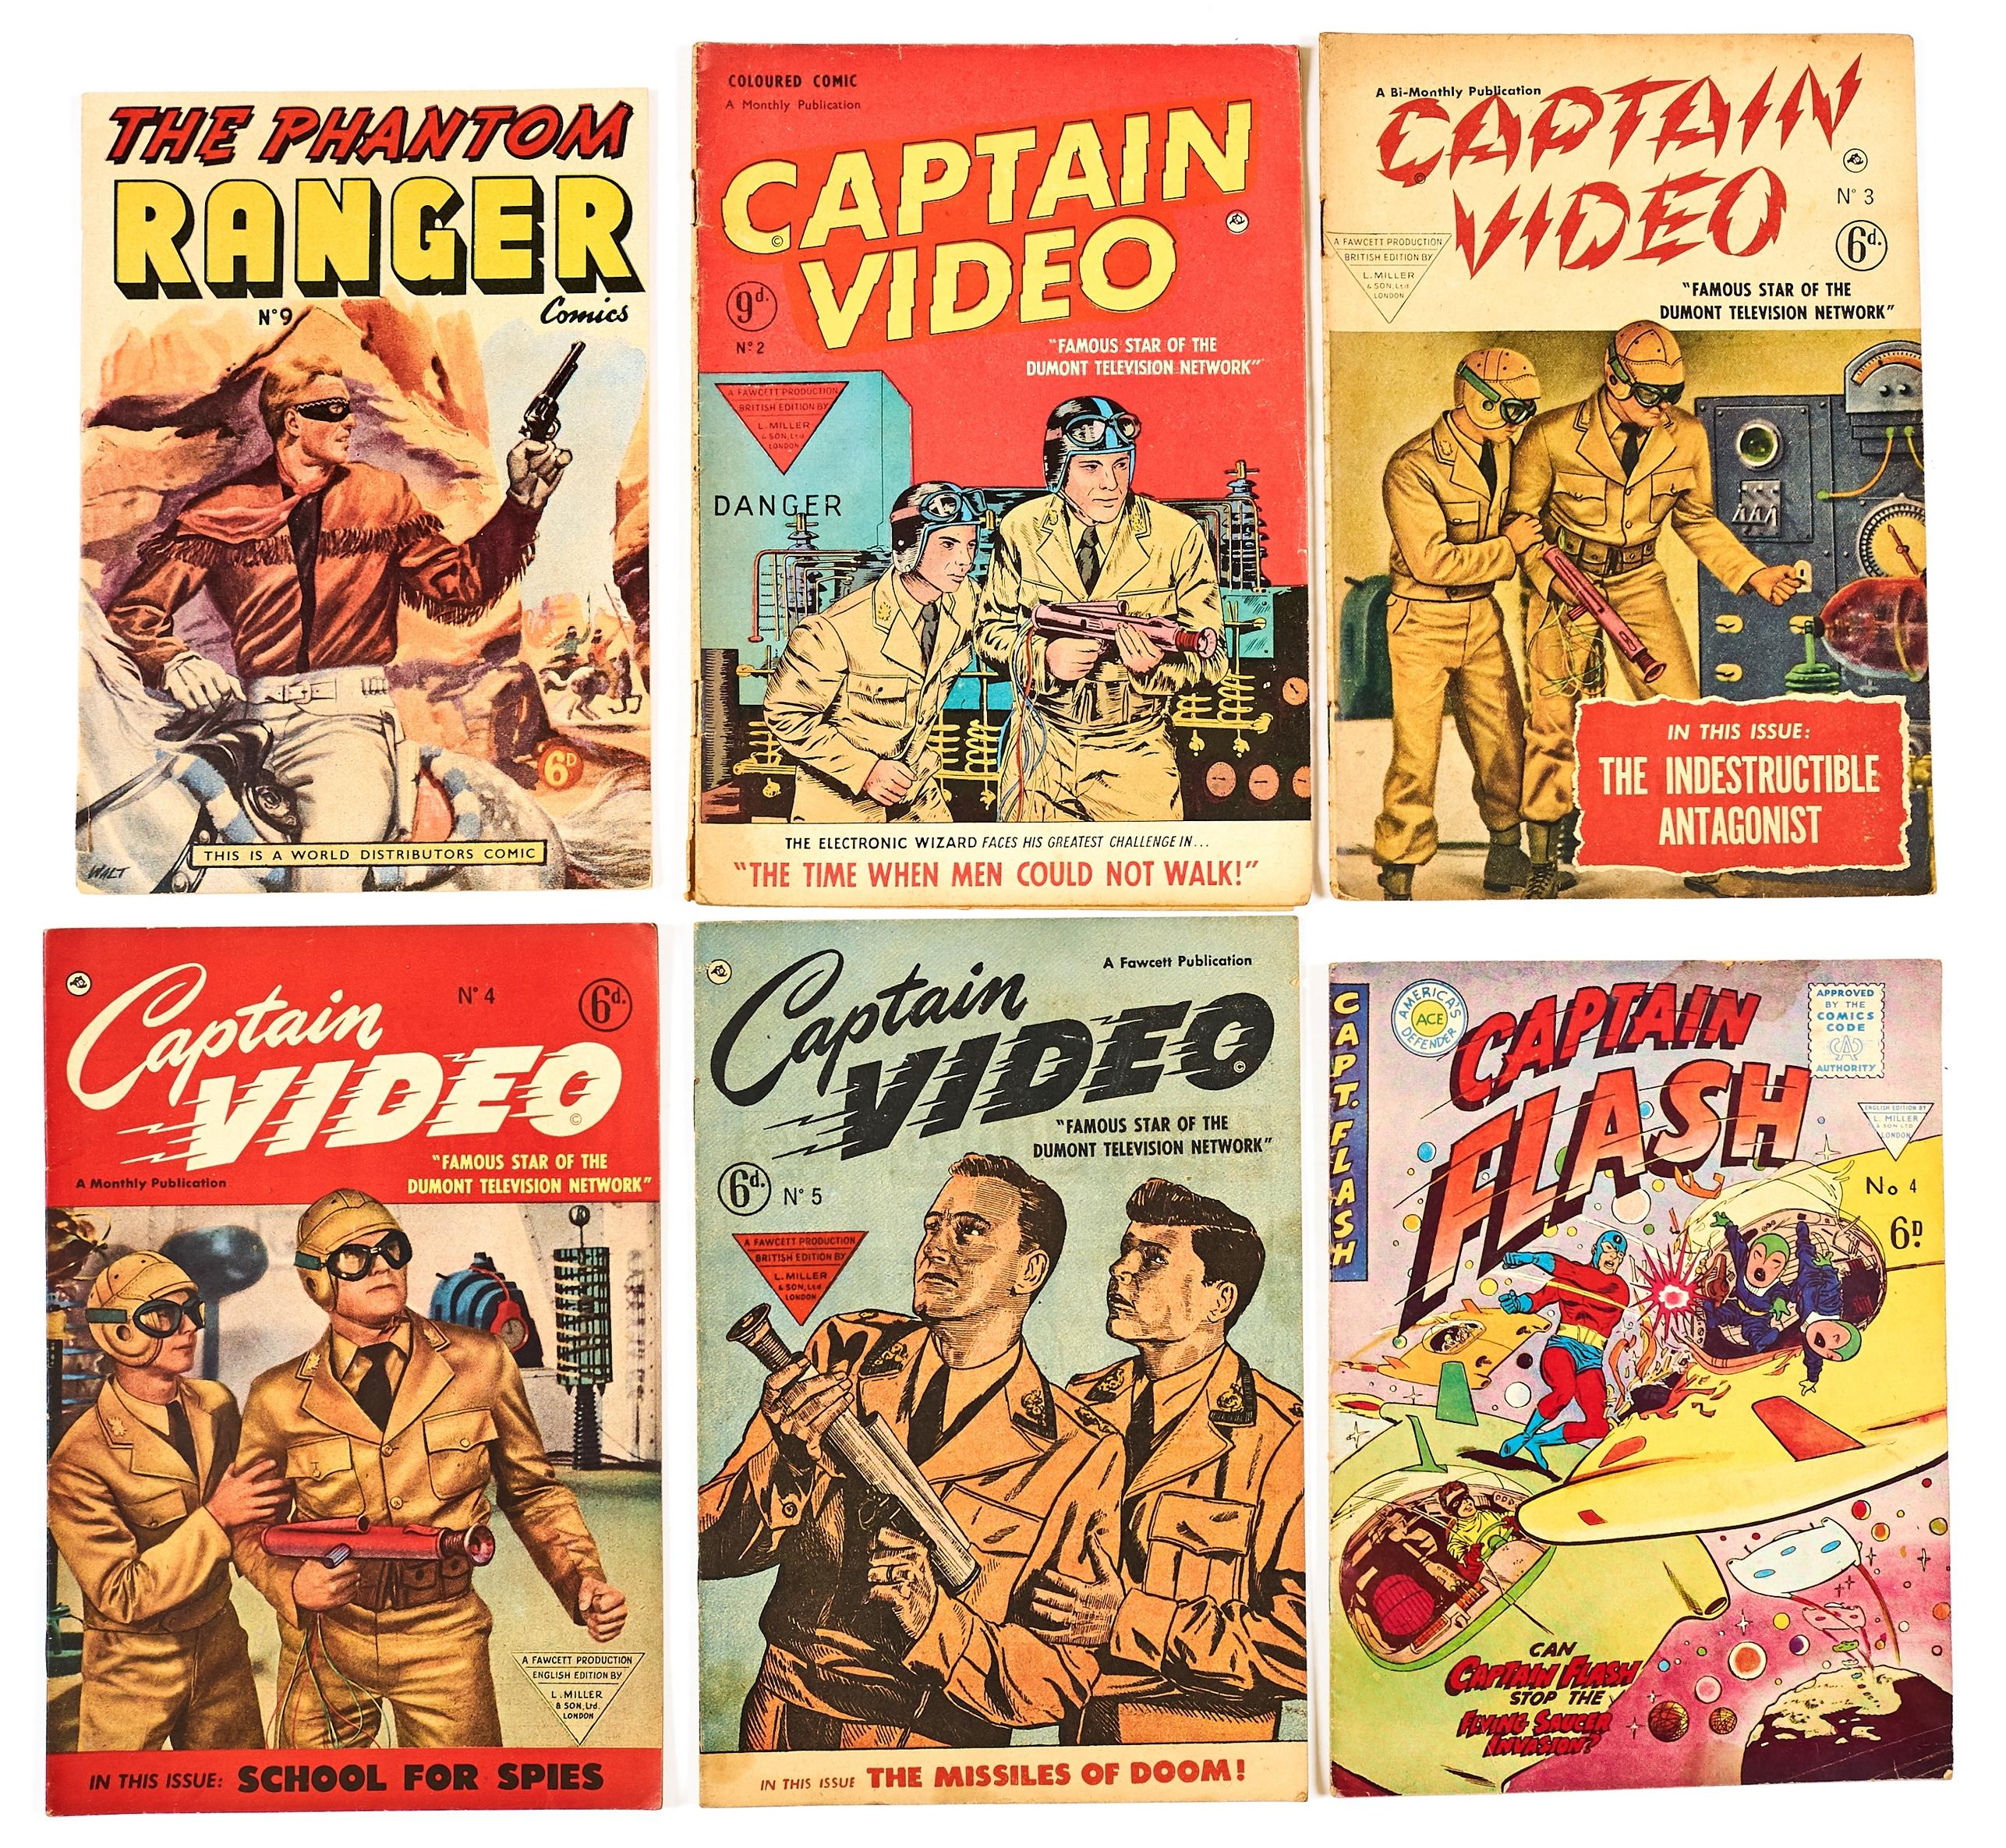 Lot 58 - L. Miller Mix + (1950s). Captain Flash 4, Captain Video 2-5, Phantom Ranger 9 [vg-/vg+] (6)